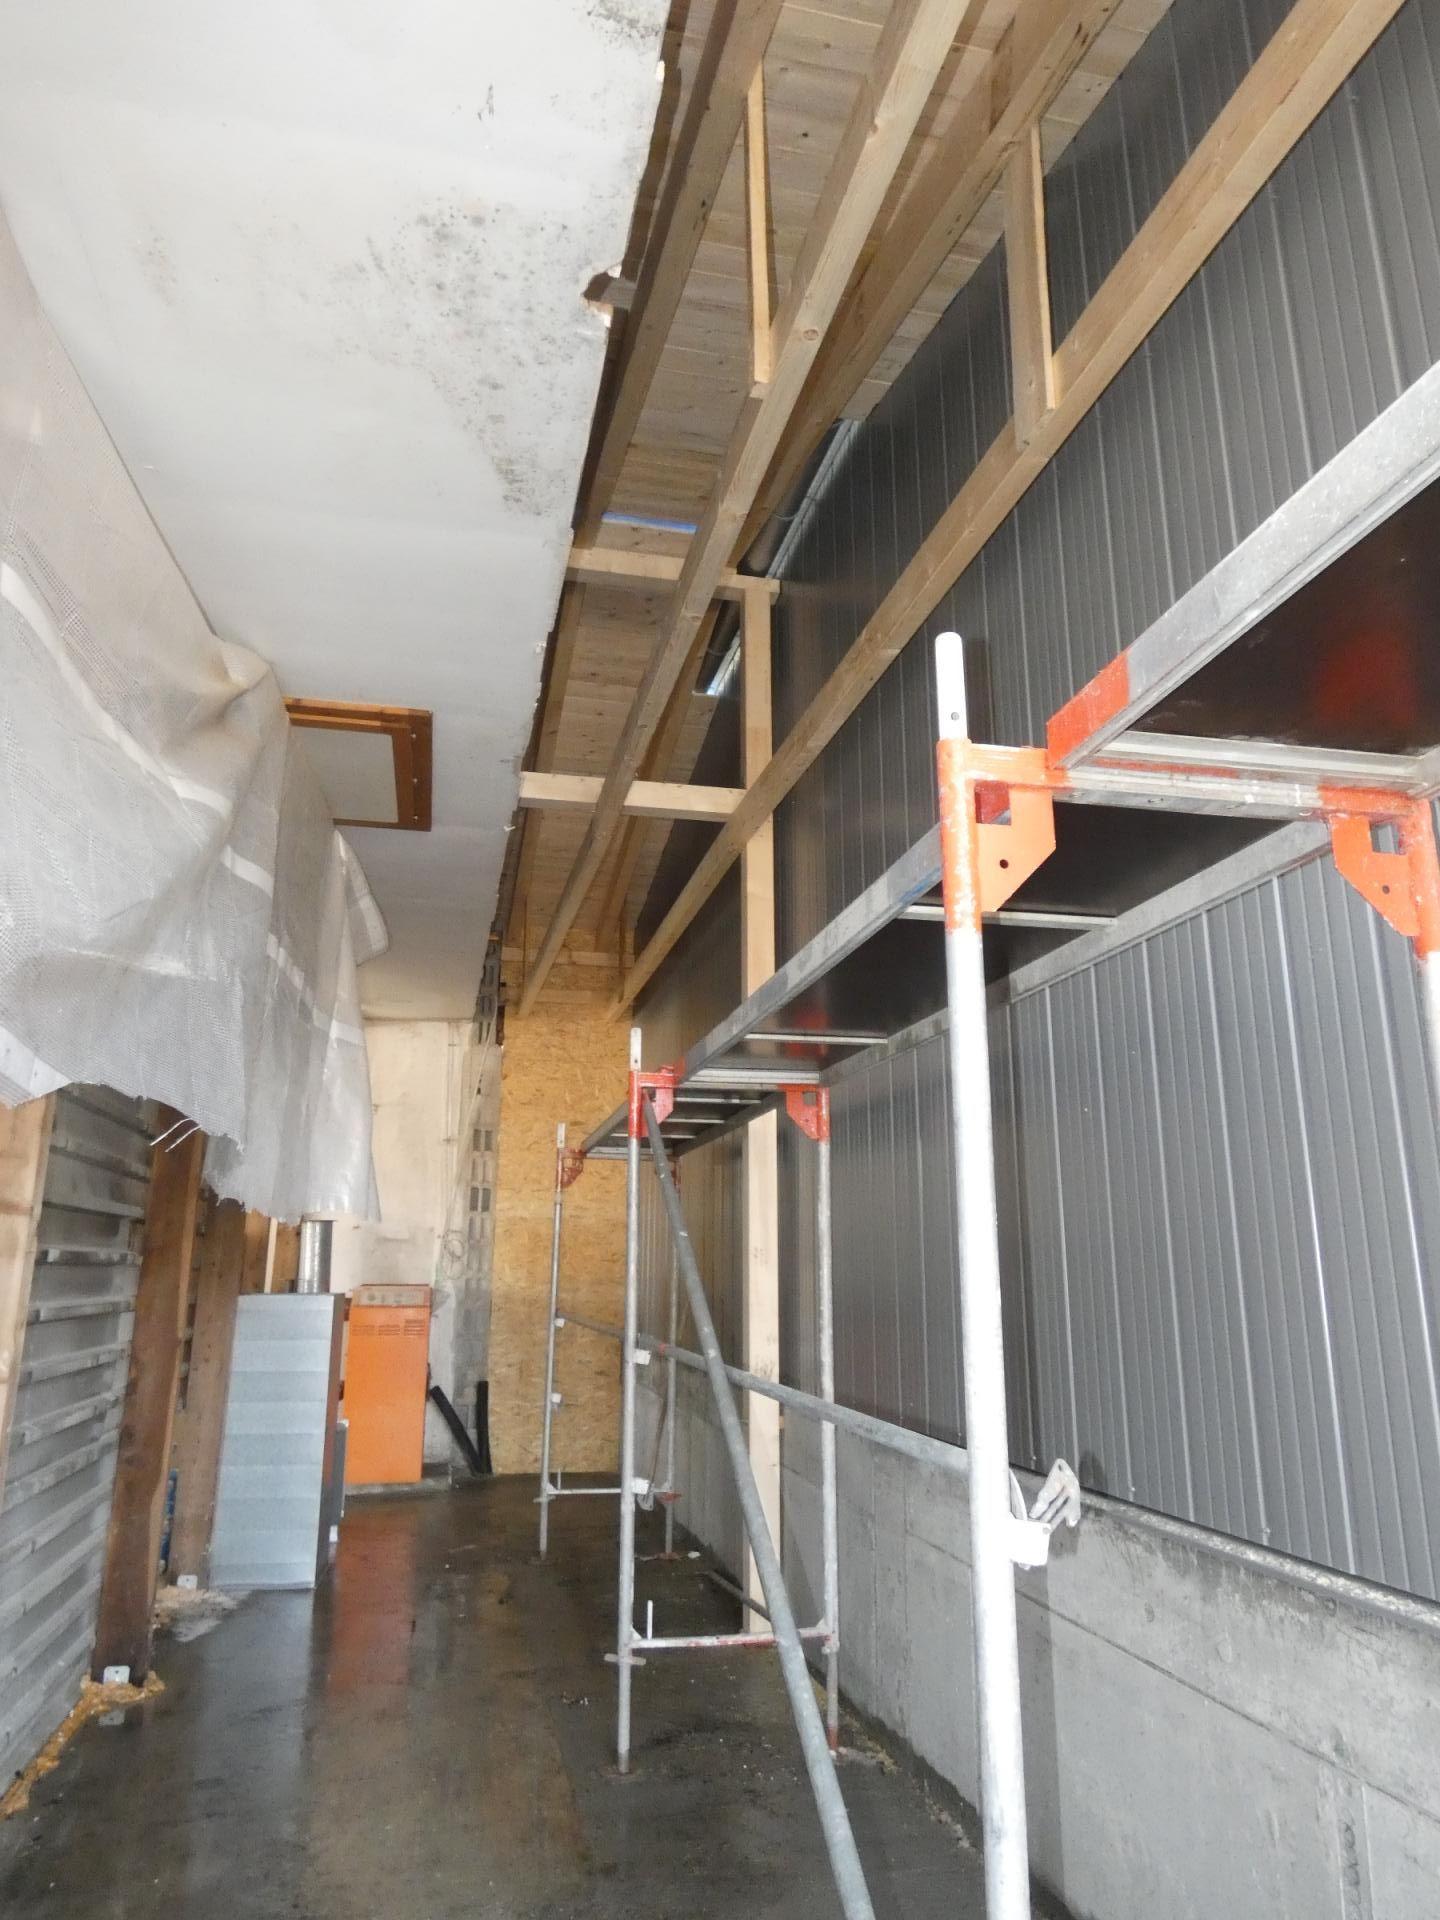 Verbindung neue Halle und alter Bau 03